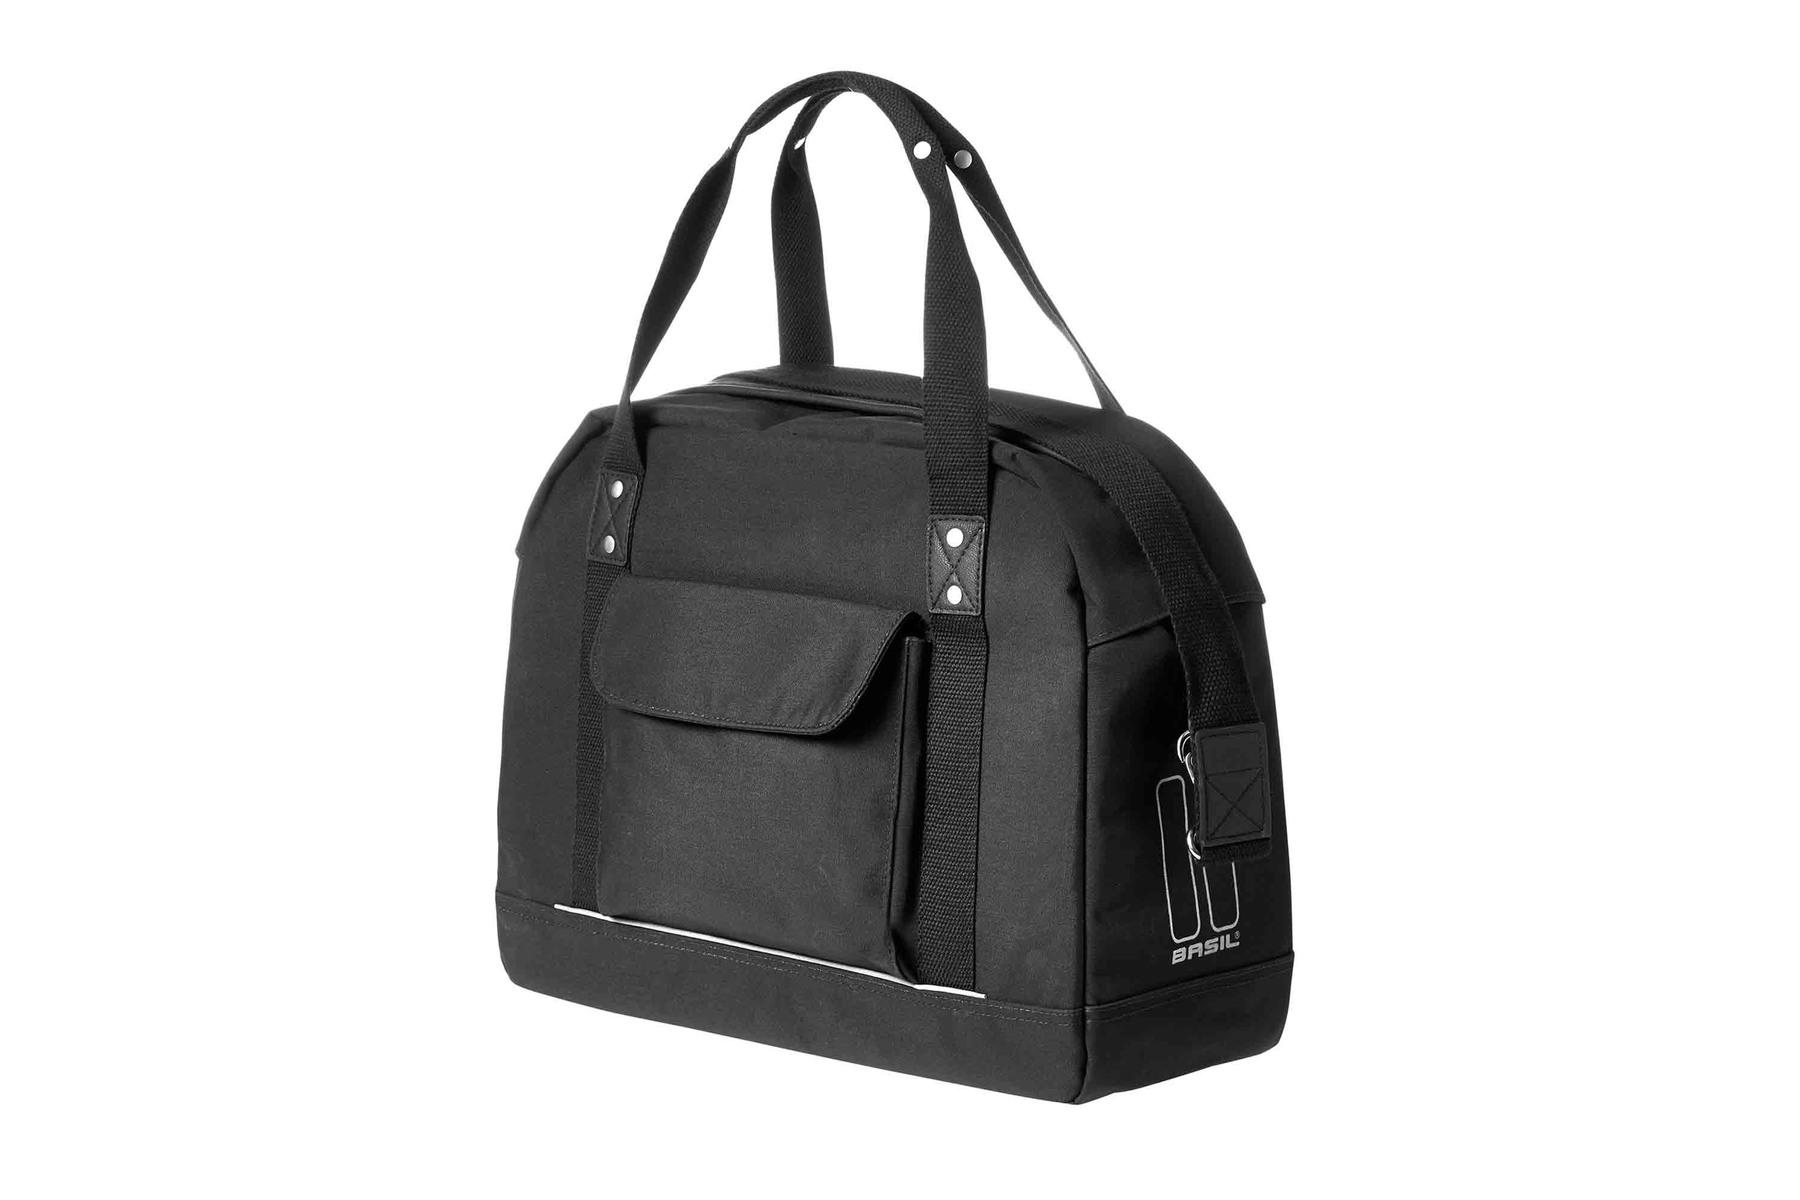 basil portland shoulder bag 19l damen fahrradtasche kaufen. Black Bedroom Furniture Sets. Home Design Ideas